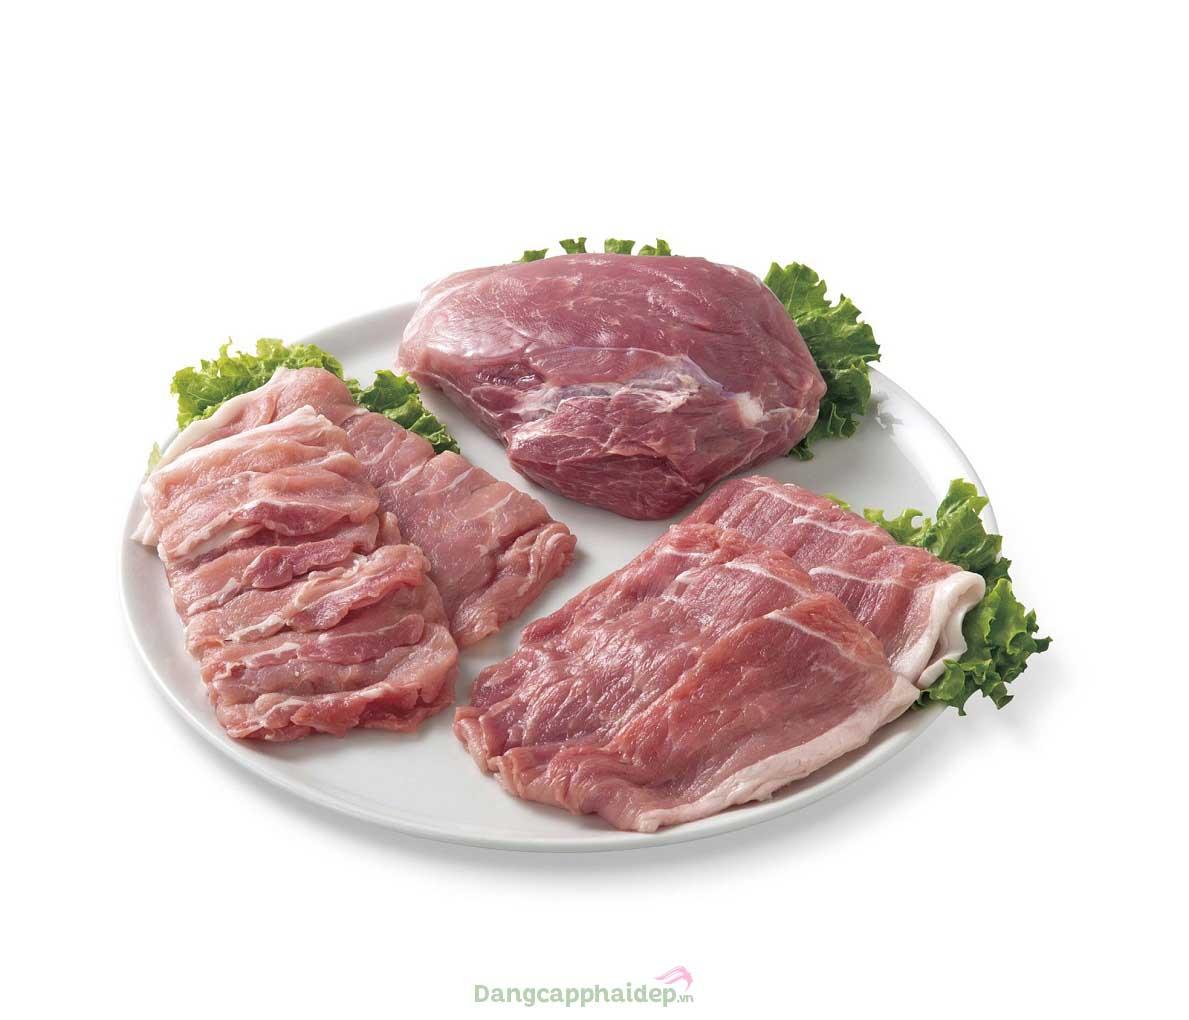 Thịt heo organic nhập khẩu từ nông trại Ark Farm rất ngọt, thơm và mềm mại đặc trưng